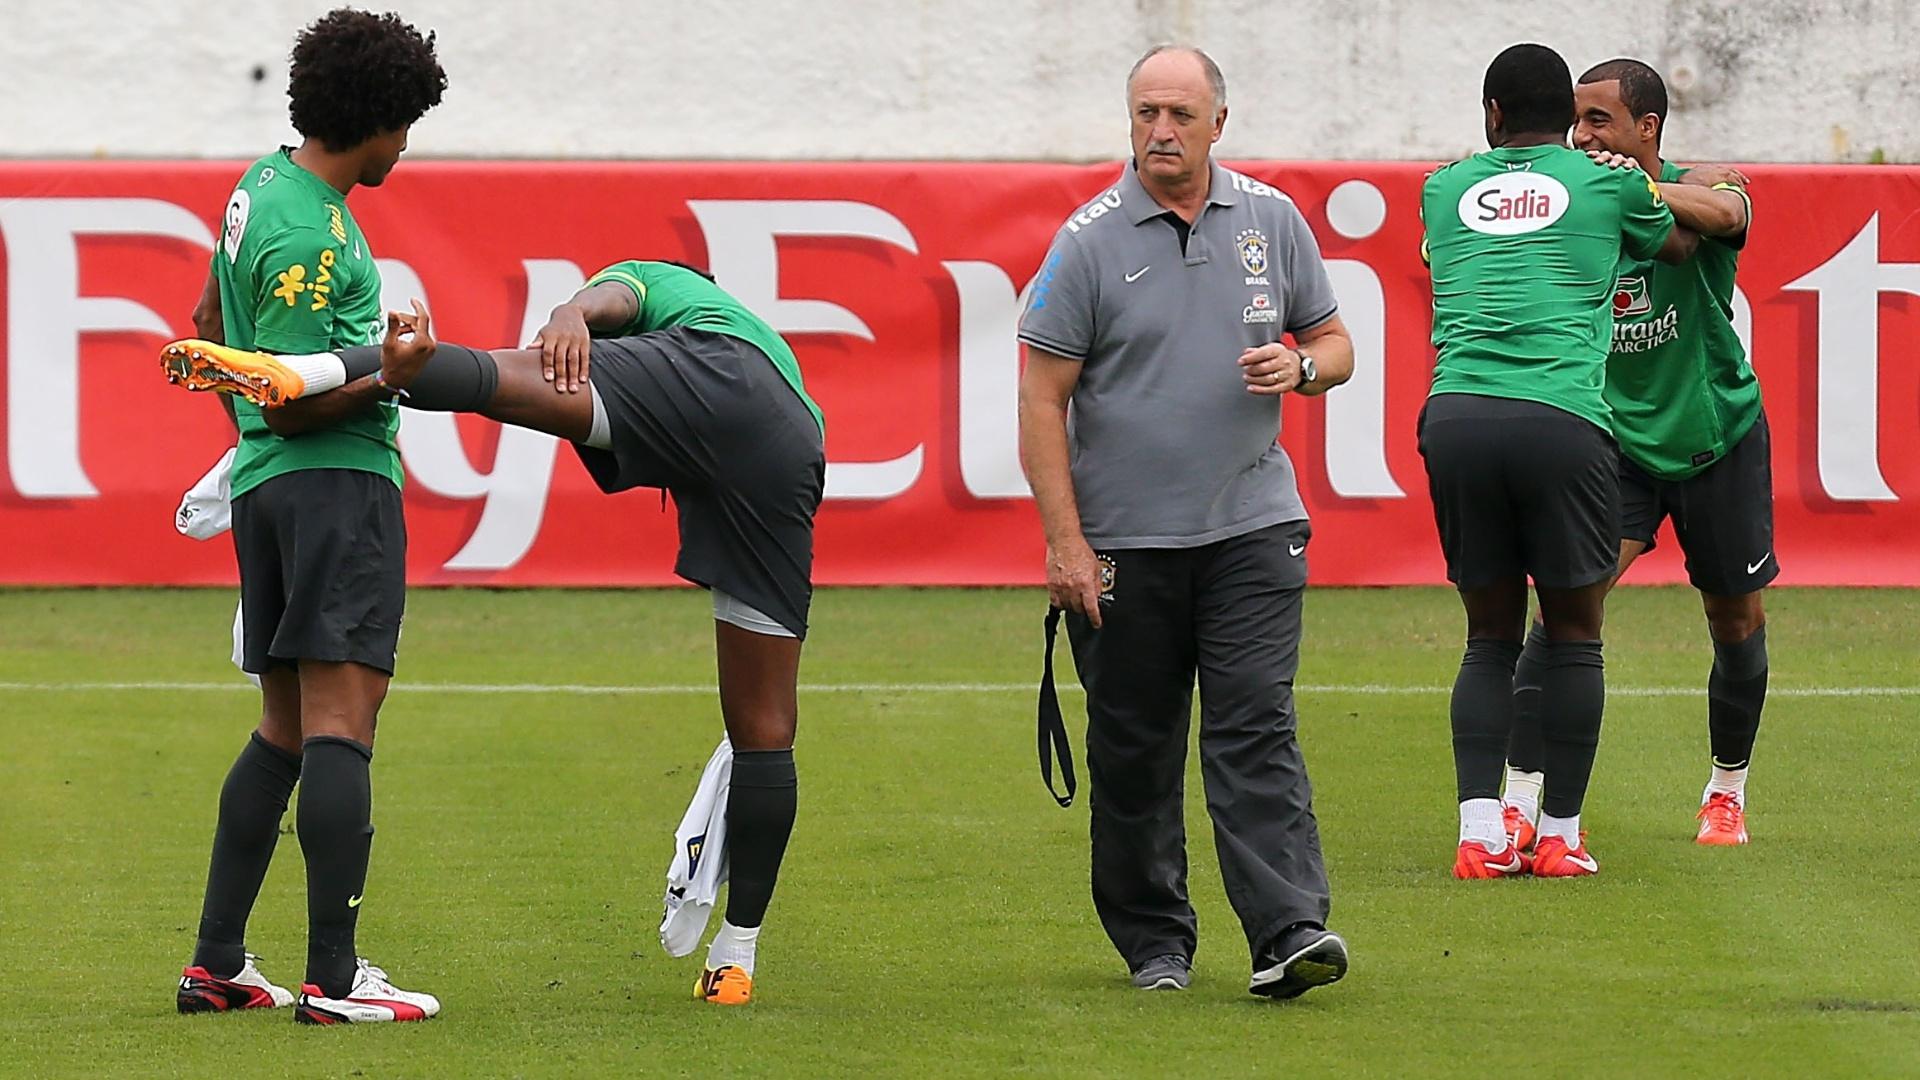 28.jun.2013 - Técnico Luiz Felipe Scolari caminha pelo gramado enquanto os jogadores fazem alongamento antes do treino